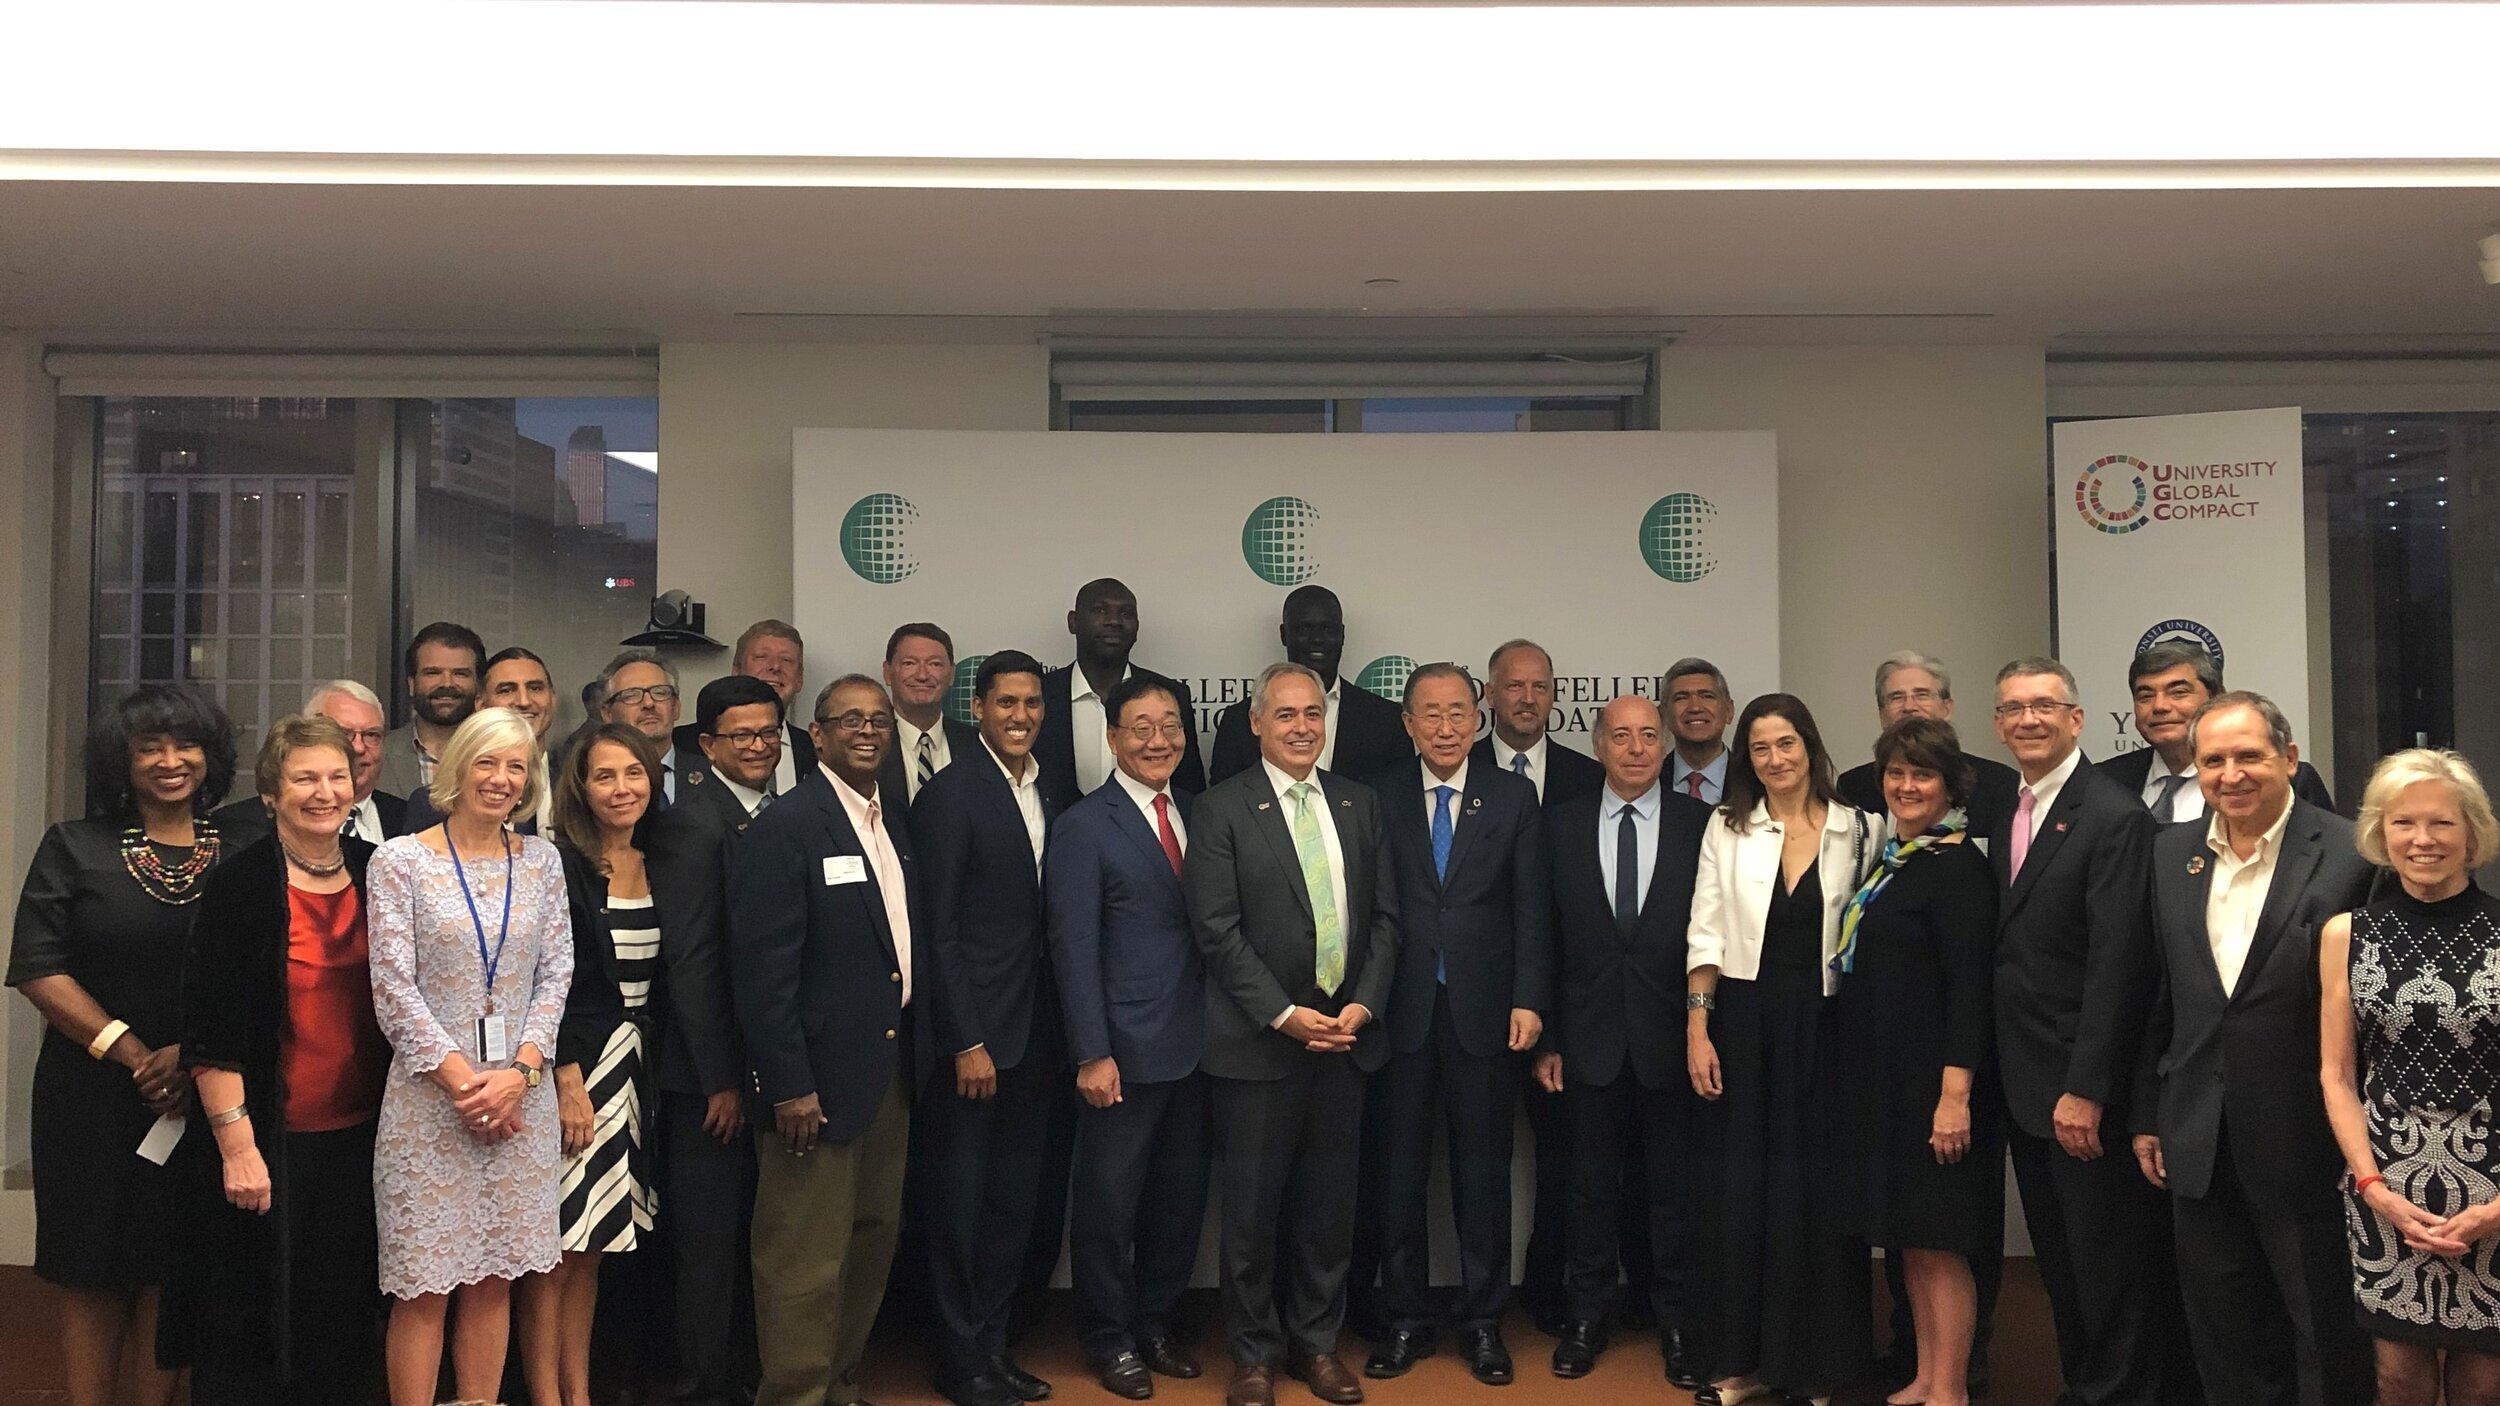 Esta red de universidades colaborará para implementar los Objetivos de Desarrollo Sostenible de la ONU. - Foto: Tecnológico de Monterrey.